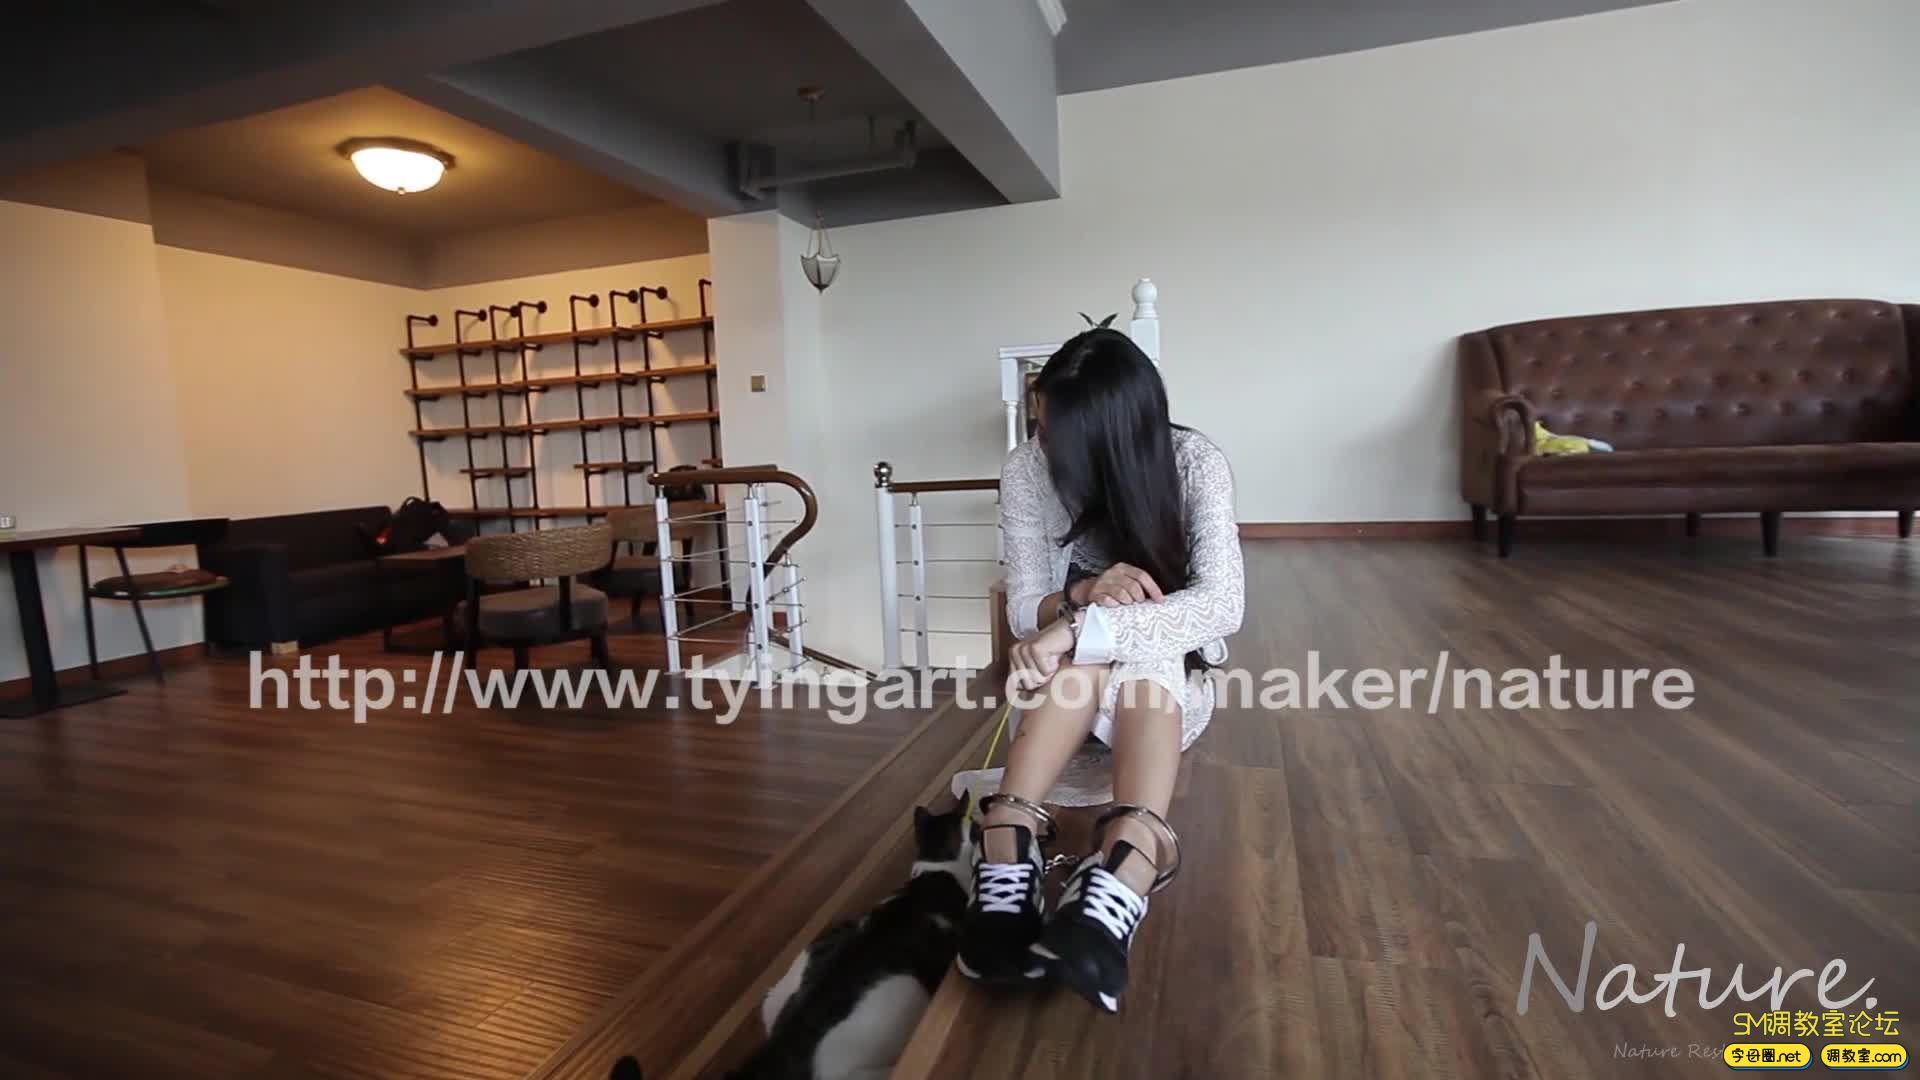 缚リ芸术 TYINGART镣铐美女戏弄小花猫-视频截图7